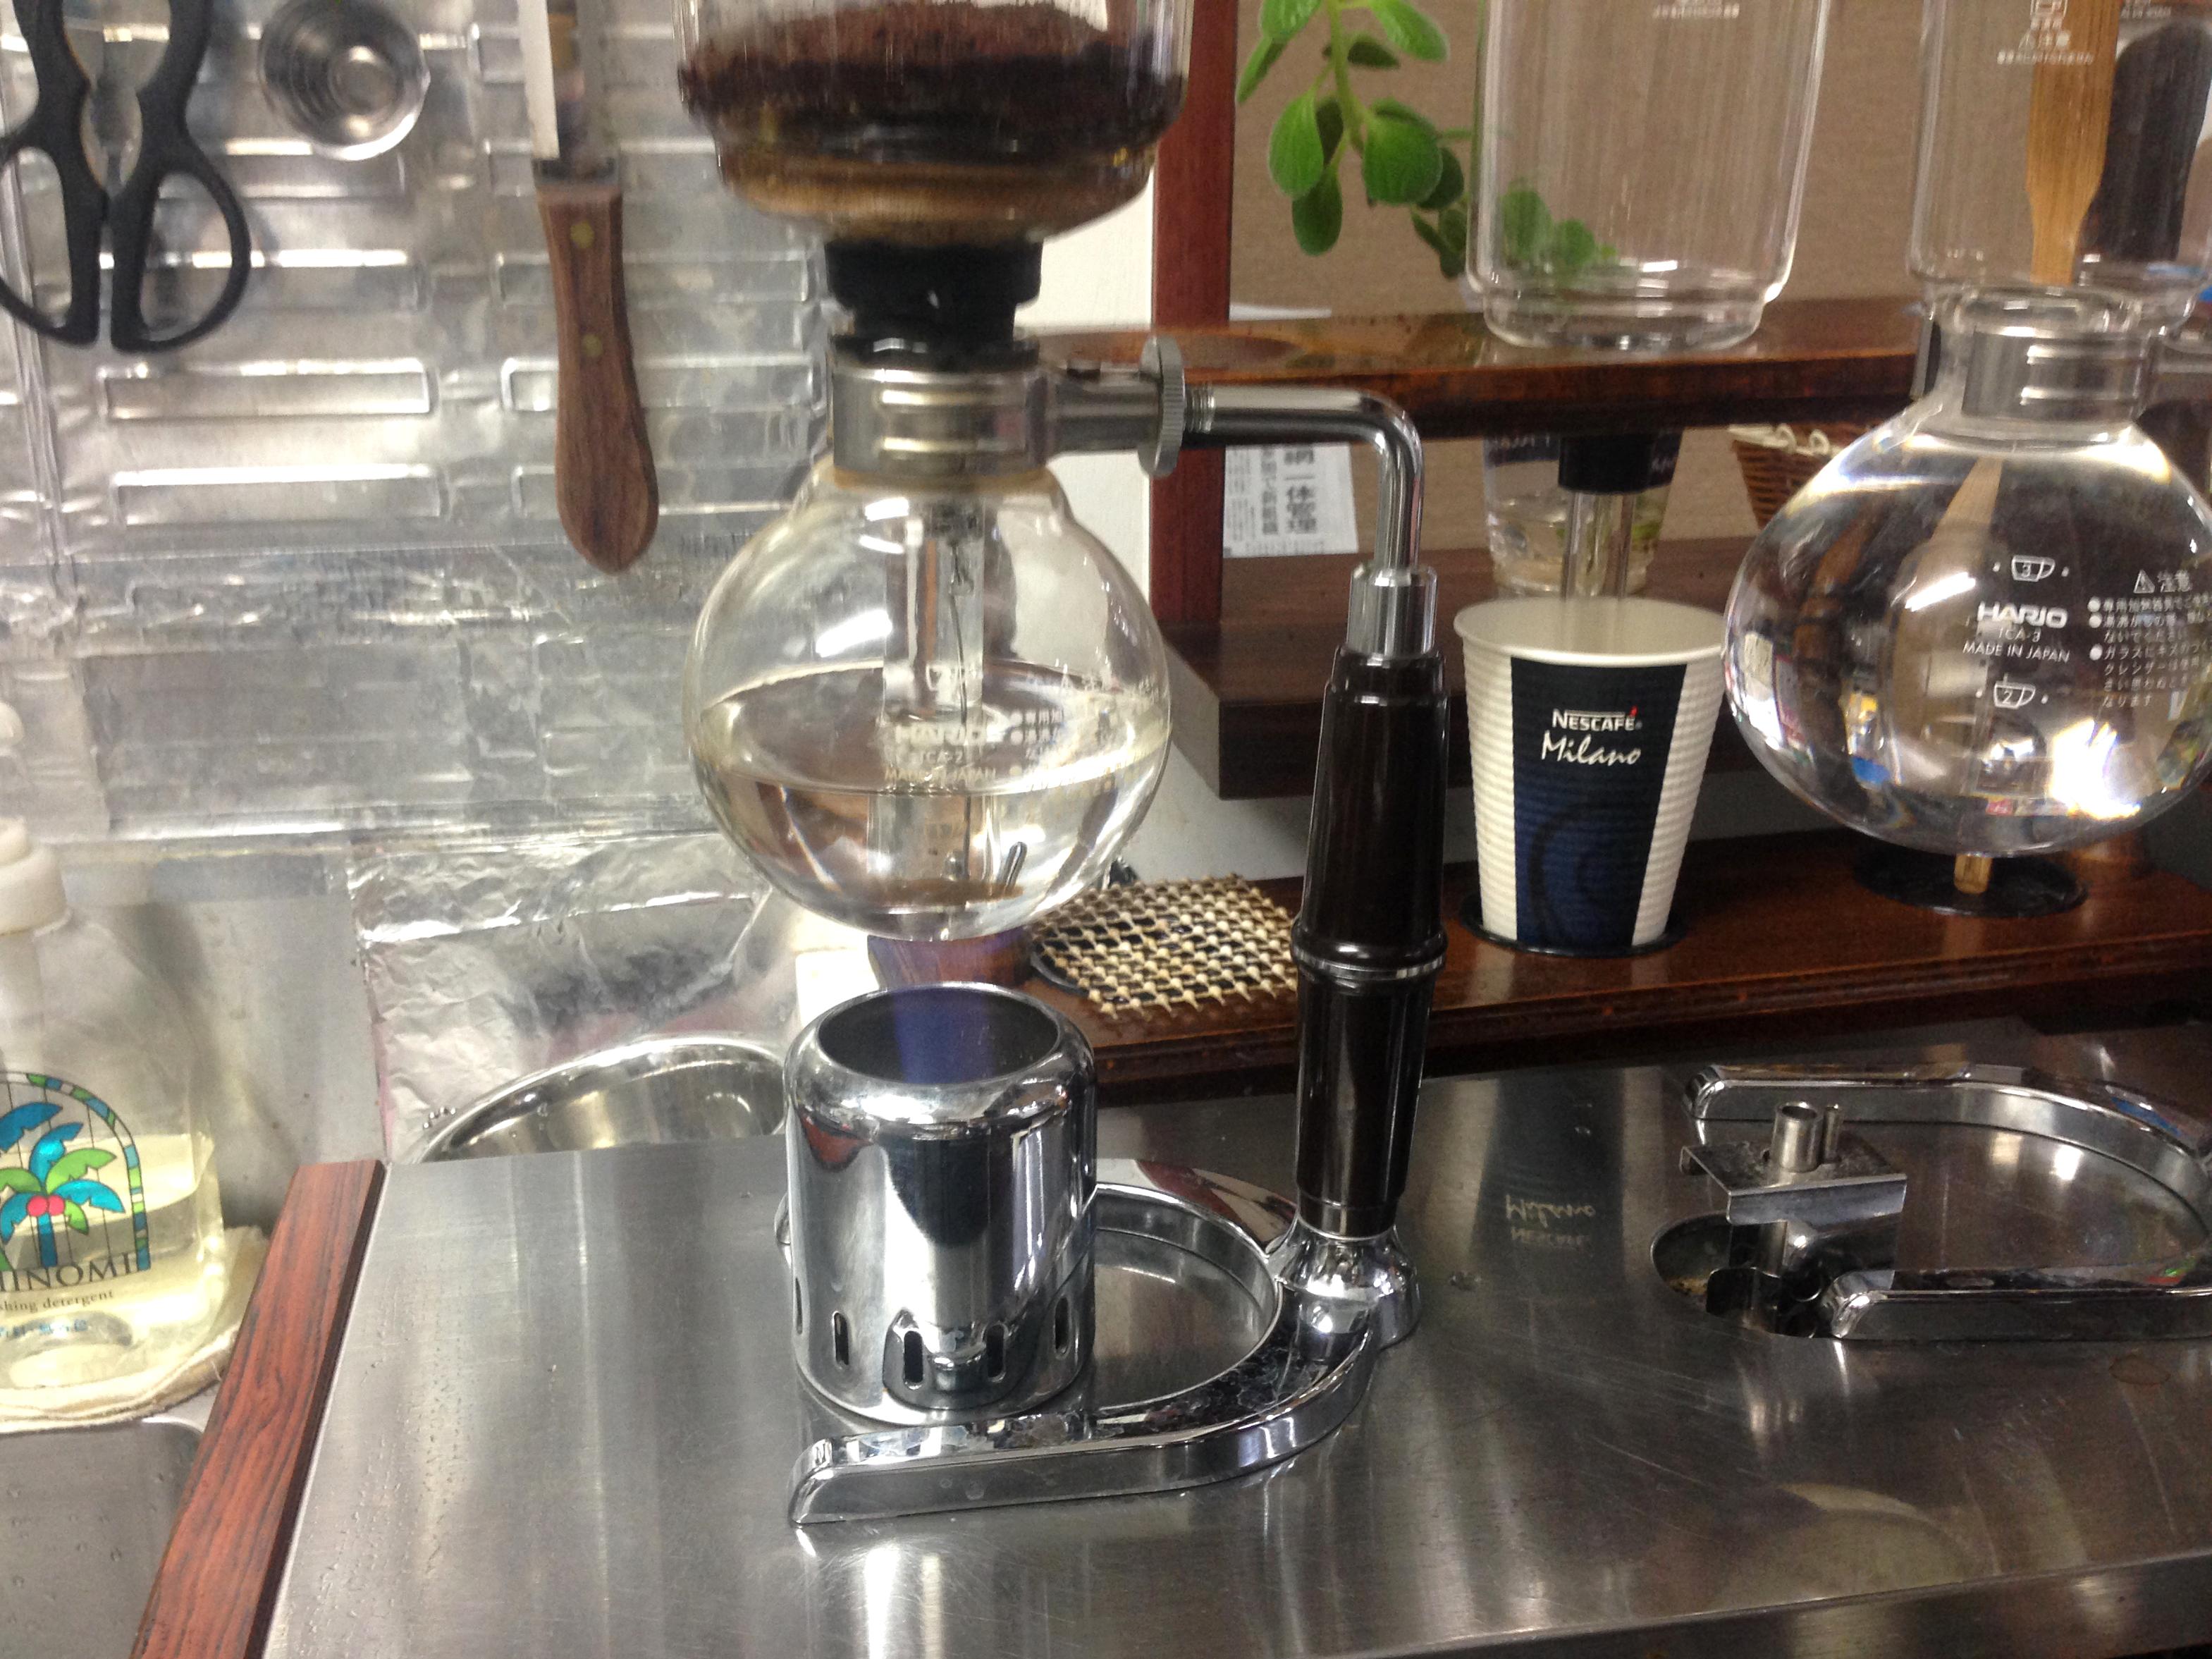 Cafe ALAmiさまサイフォン式コーヒー